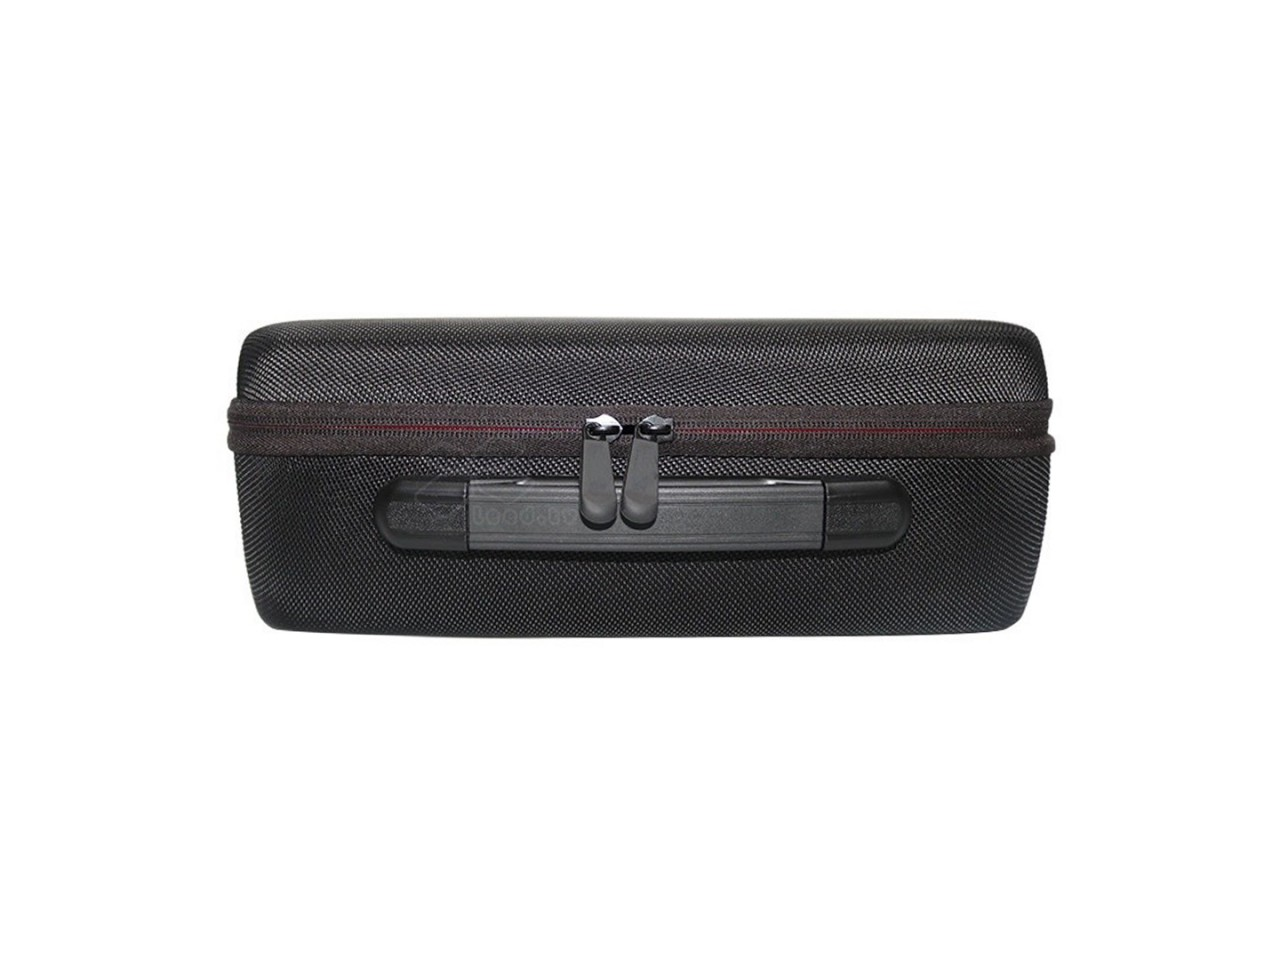 Черный кофр mavic pro для хранения батареи покупка фантом в грозный